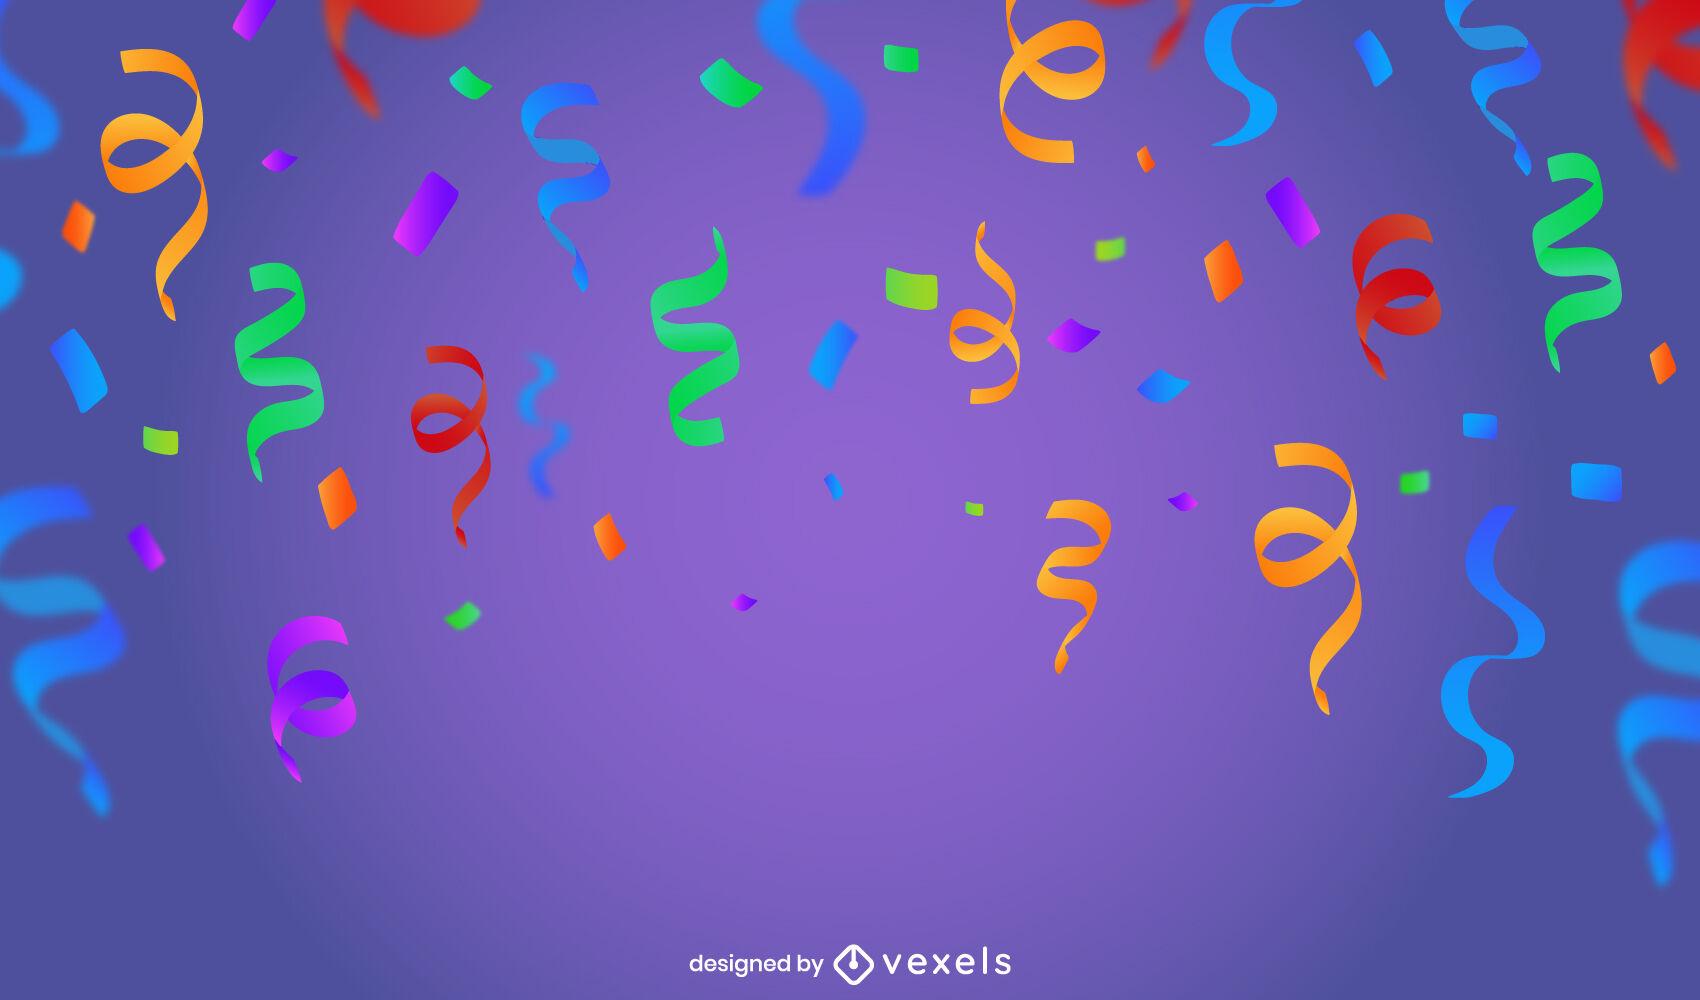 Diseño de fondo de fiesta de confeti colorido